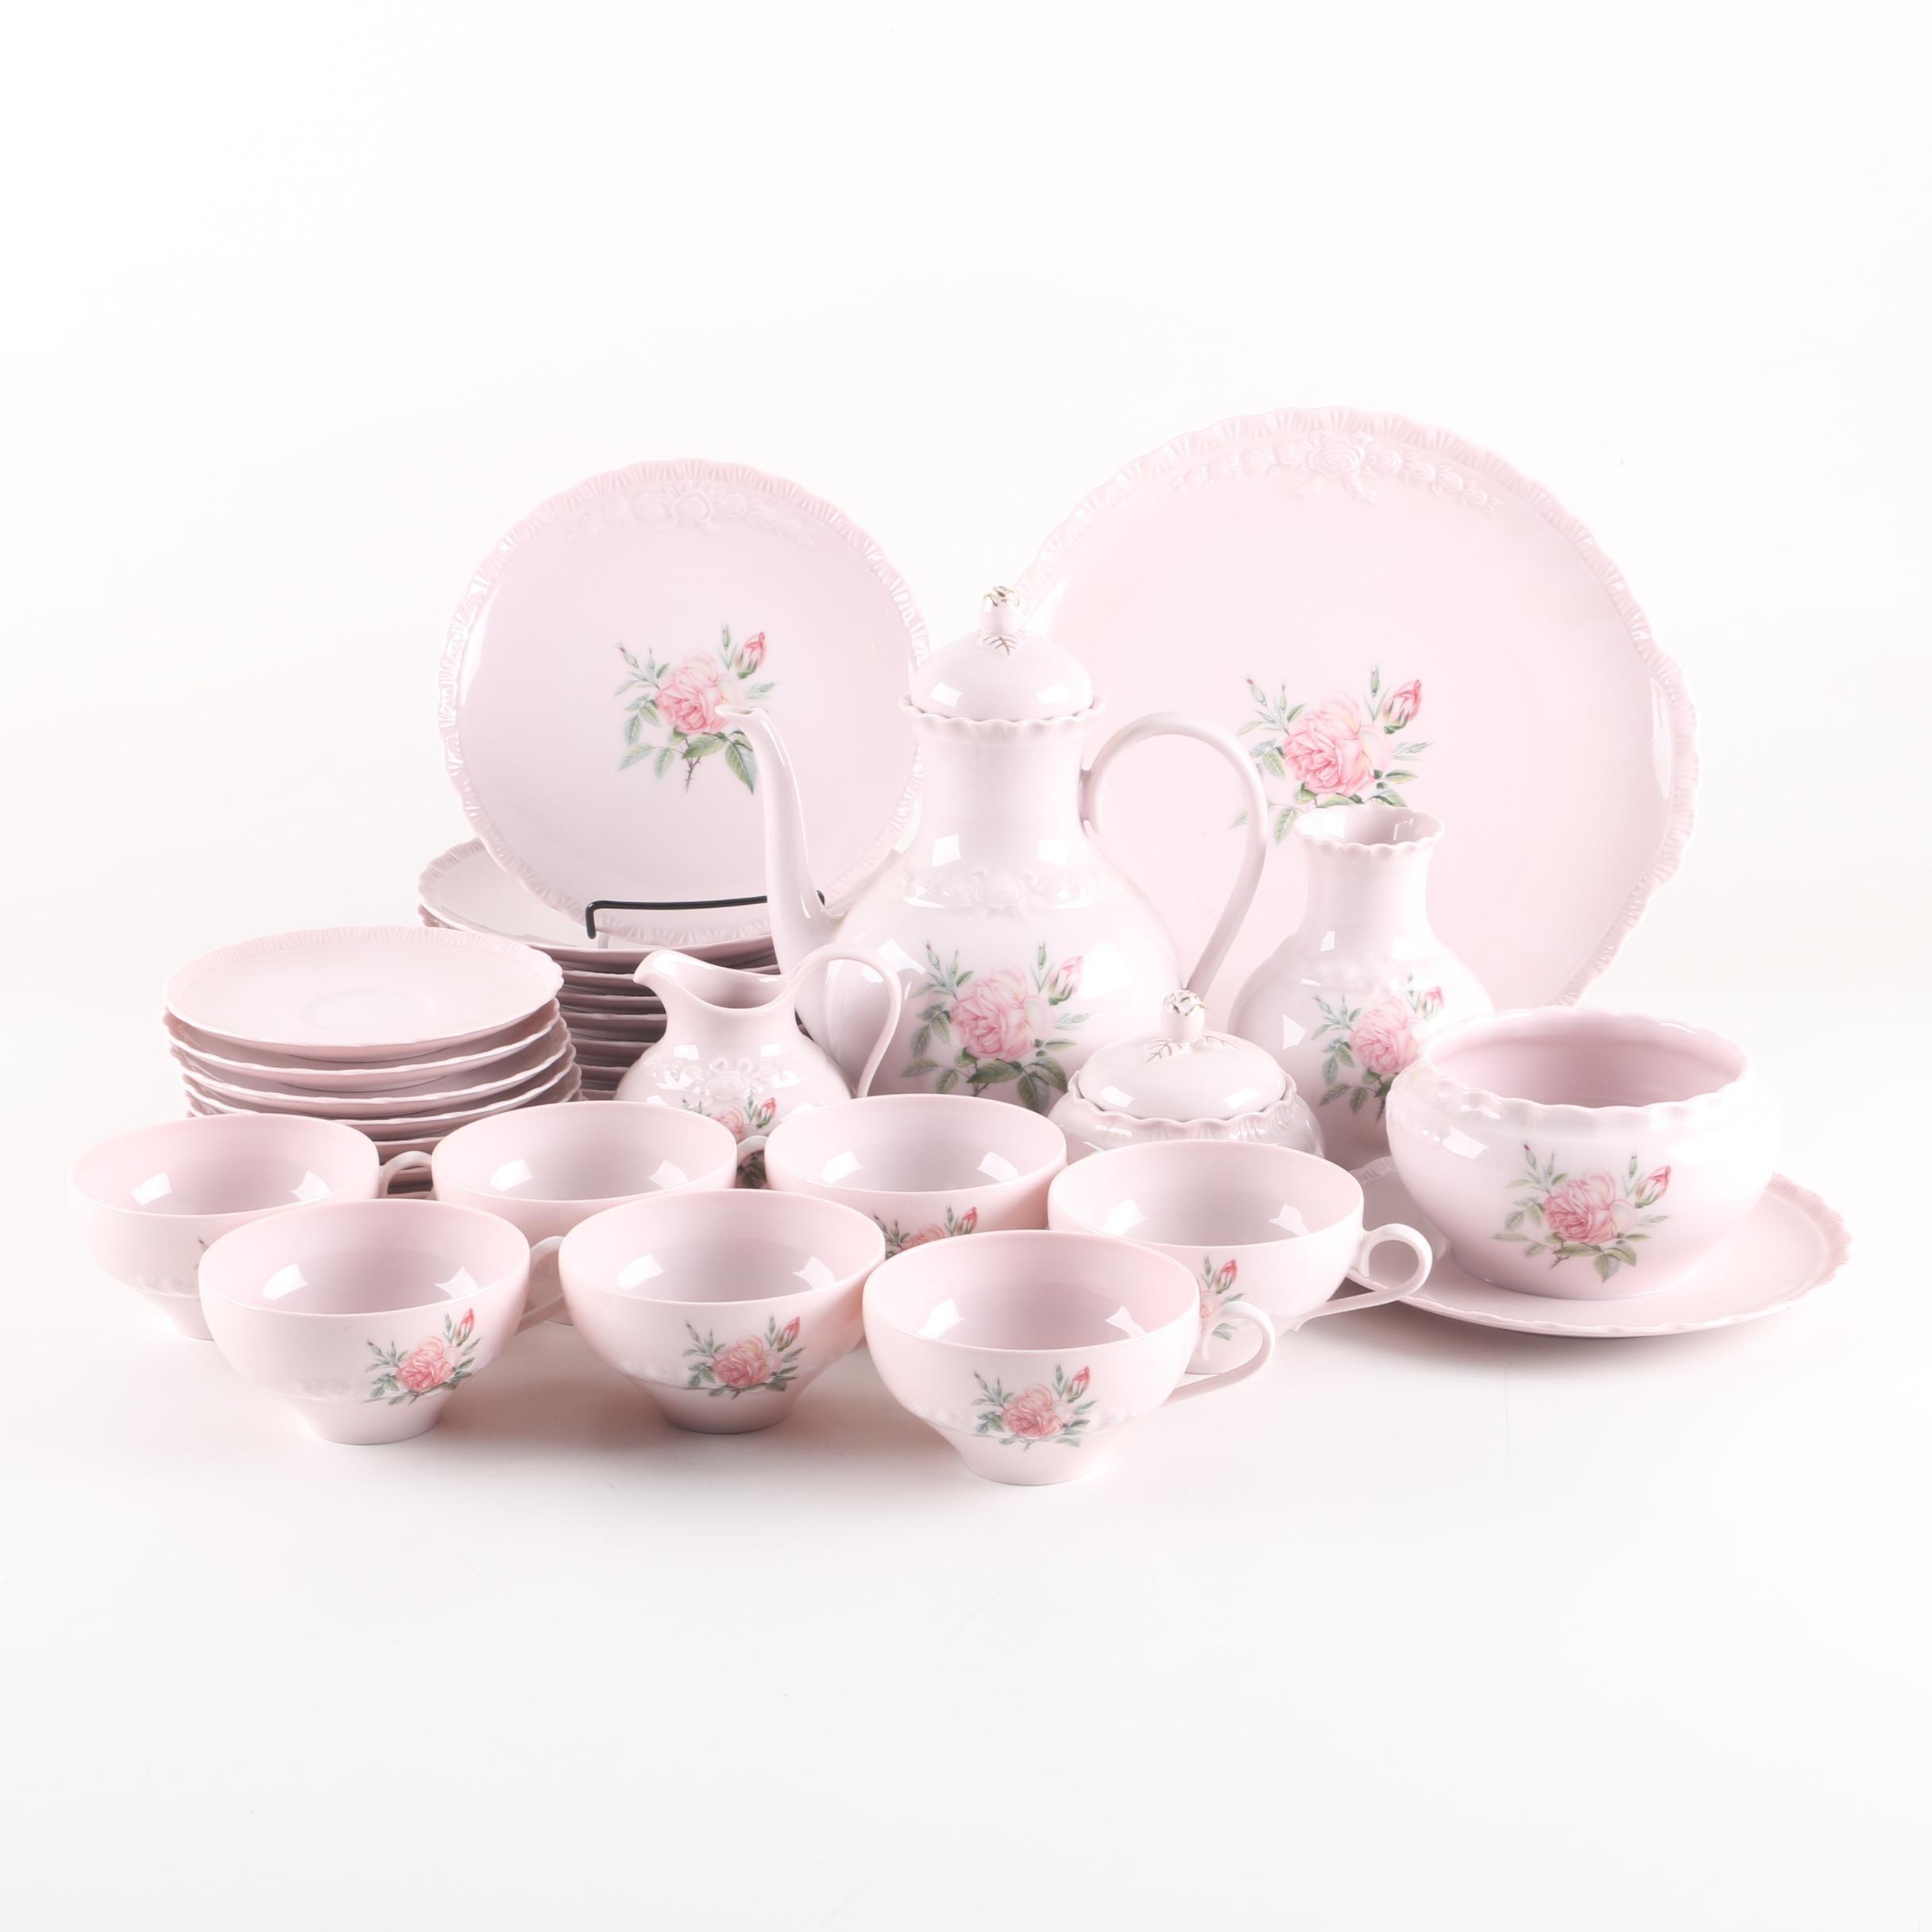 """Hutschenreuther """"Porcelain Rose"""" Dinnerware"""